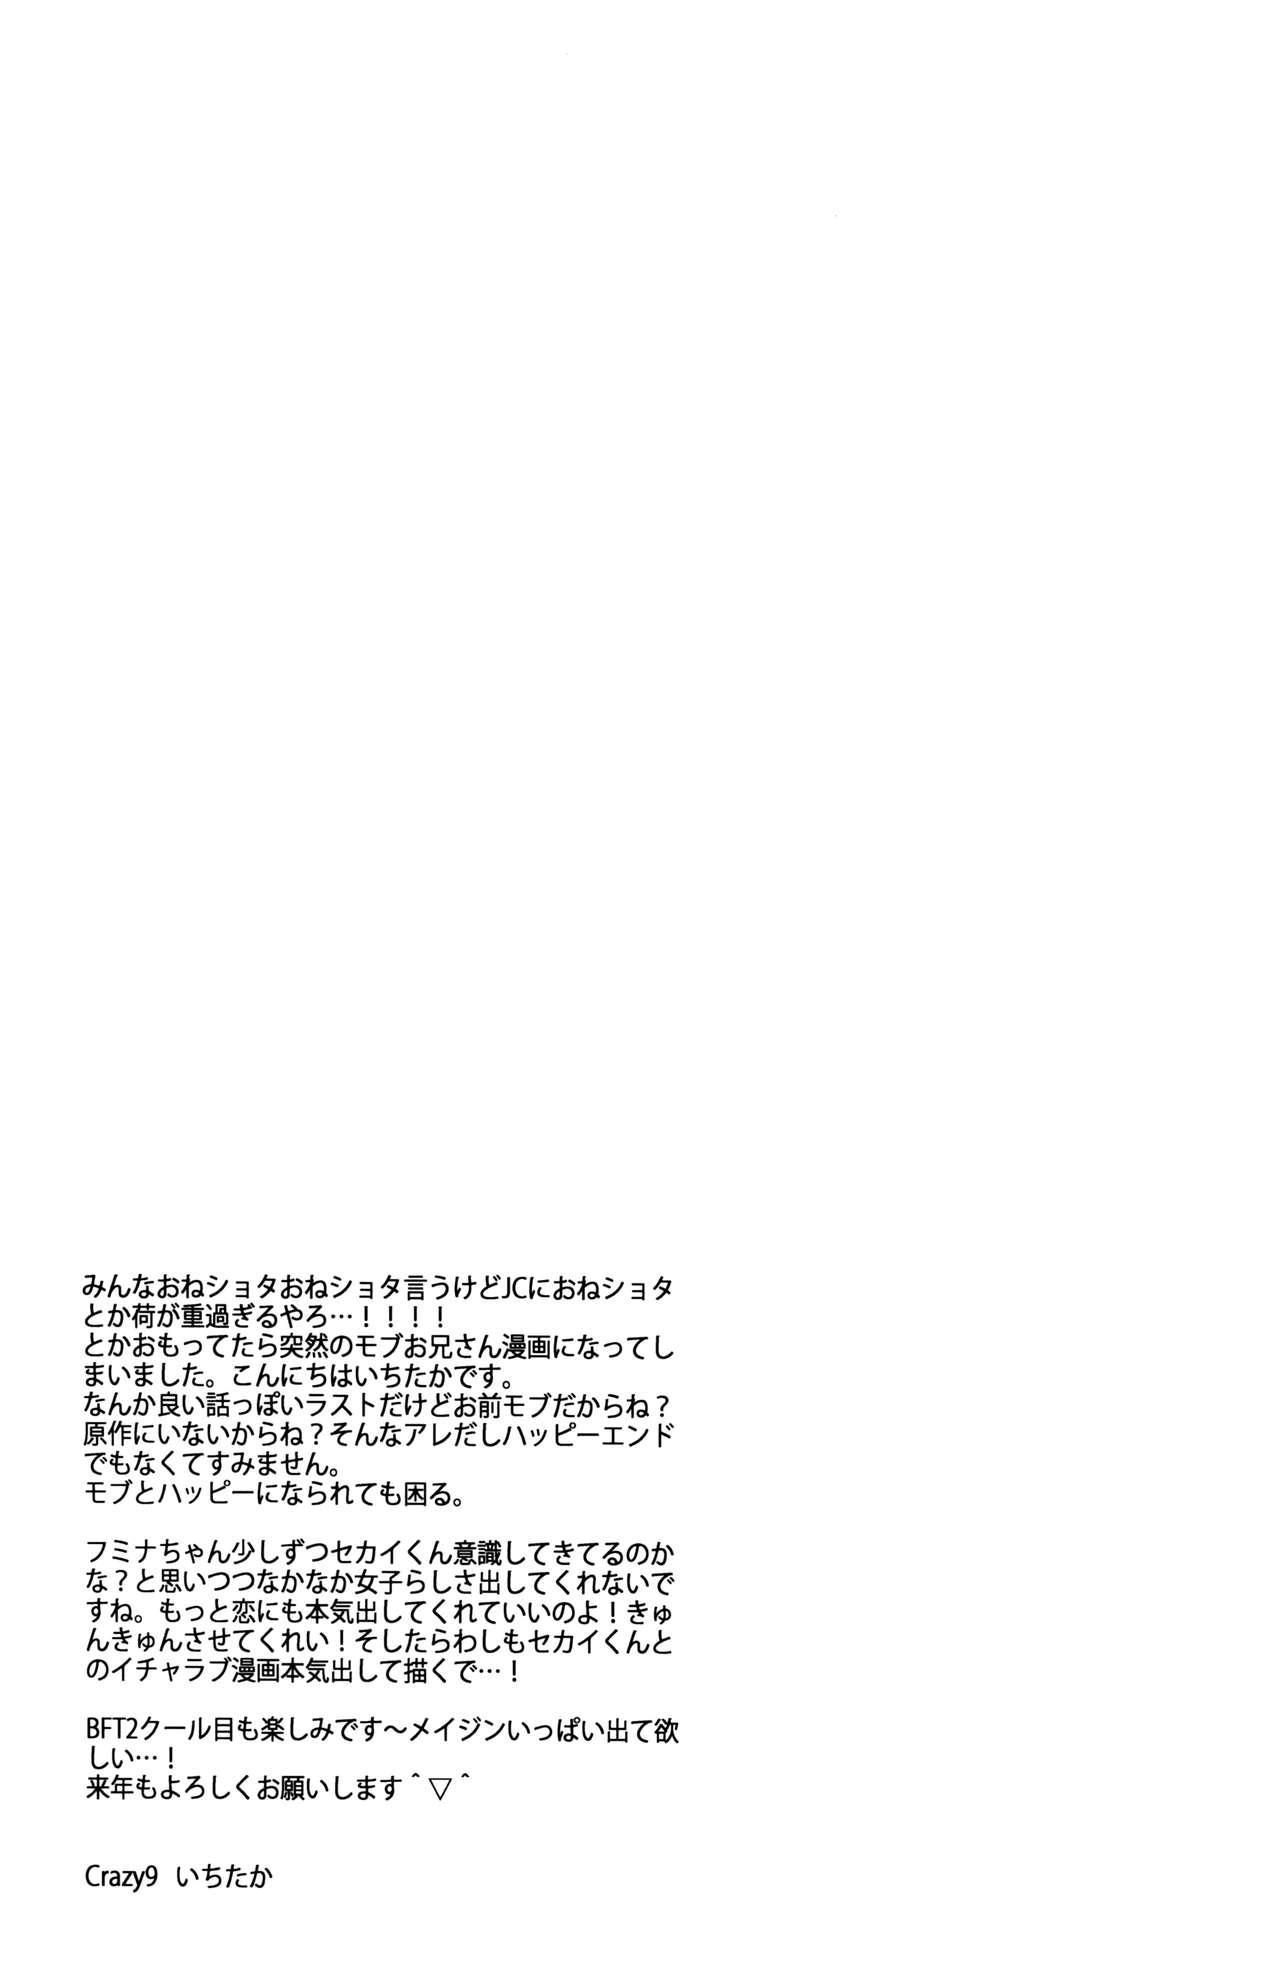 (C87) [Crazy9 (Ichitaka)] C9-15 Fumina-senpai to Mob Onii-chan (Gundam Build Fighters Try) [English] [biribiri] 27